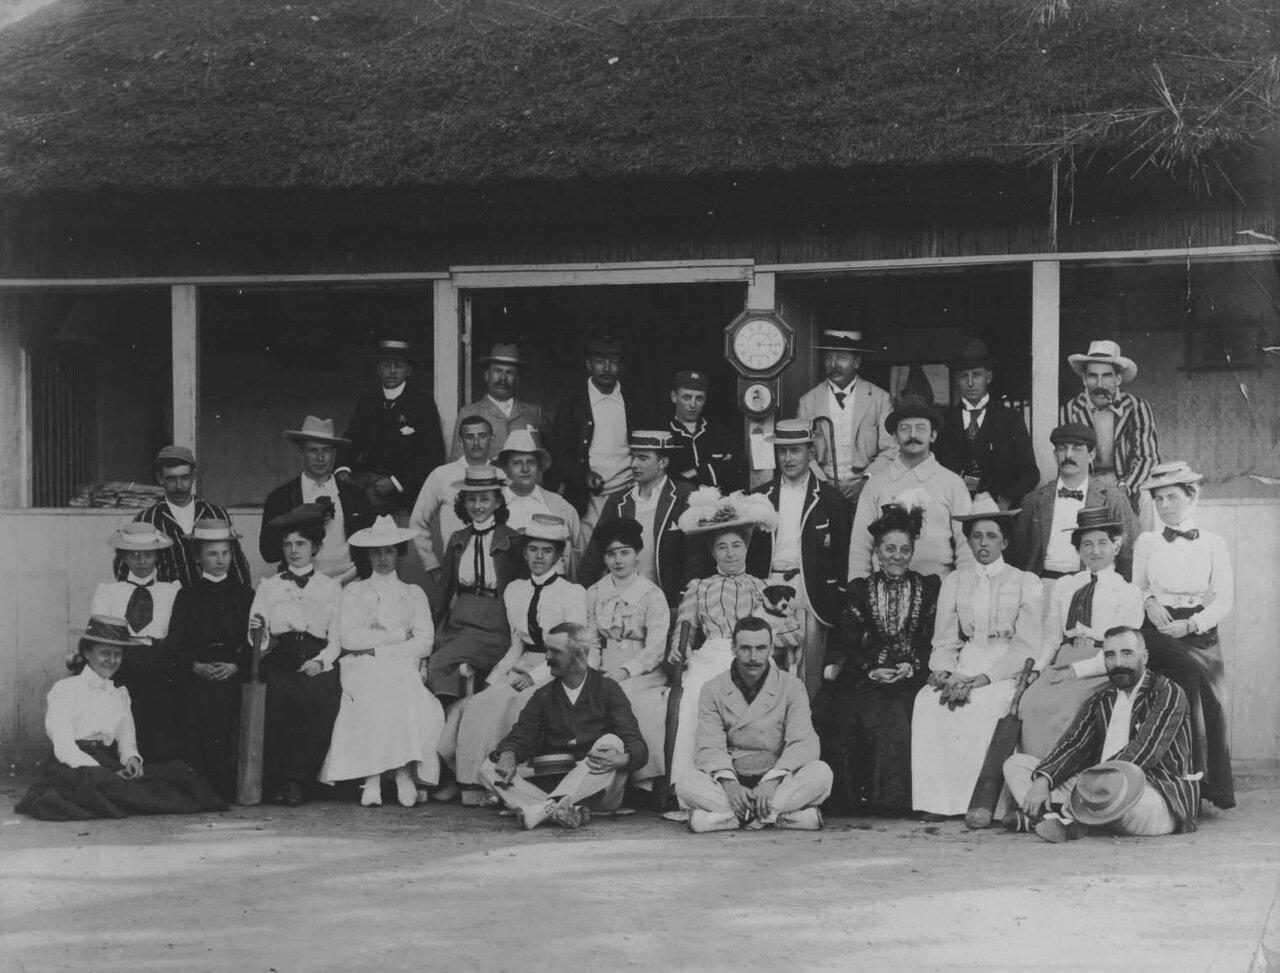 1880. Матч по крикету между дамами из Кобе мужчинами из Йокогамы и Шанхая